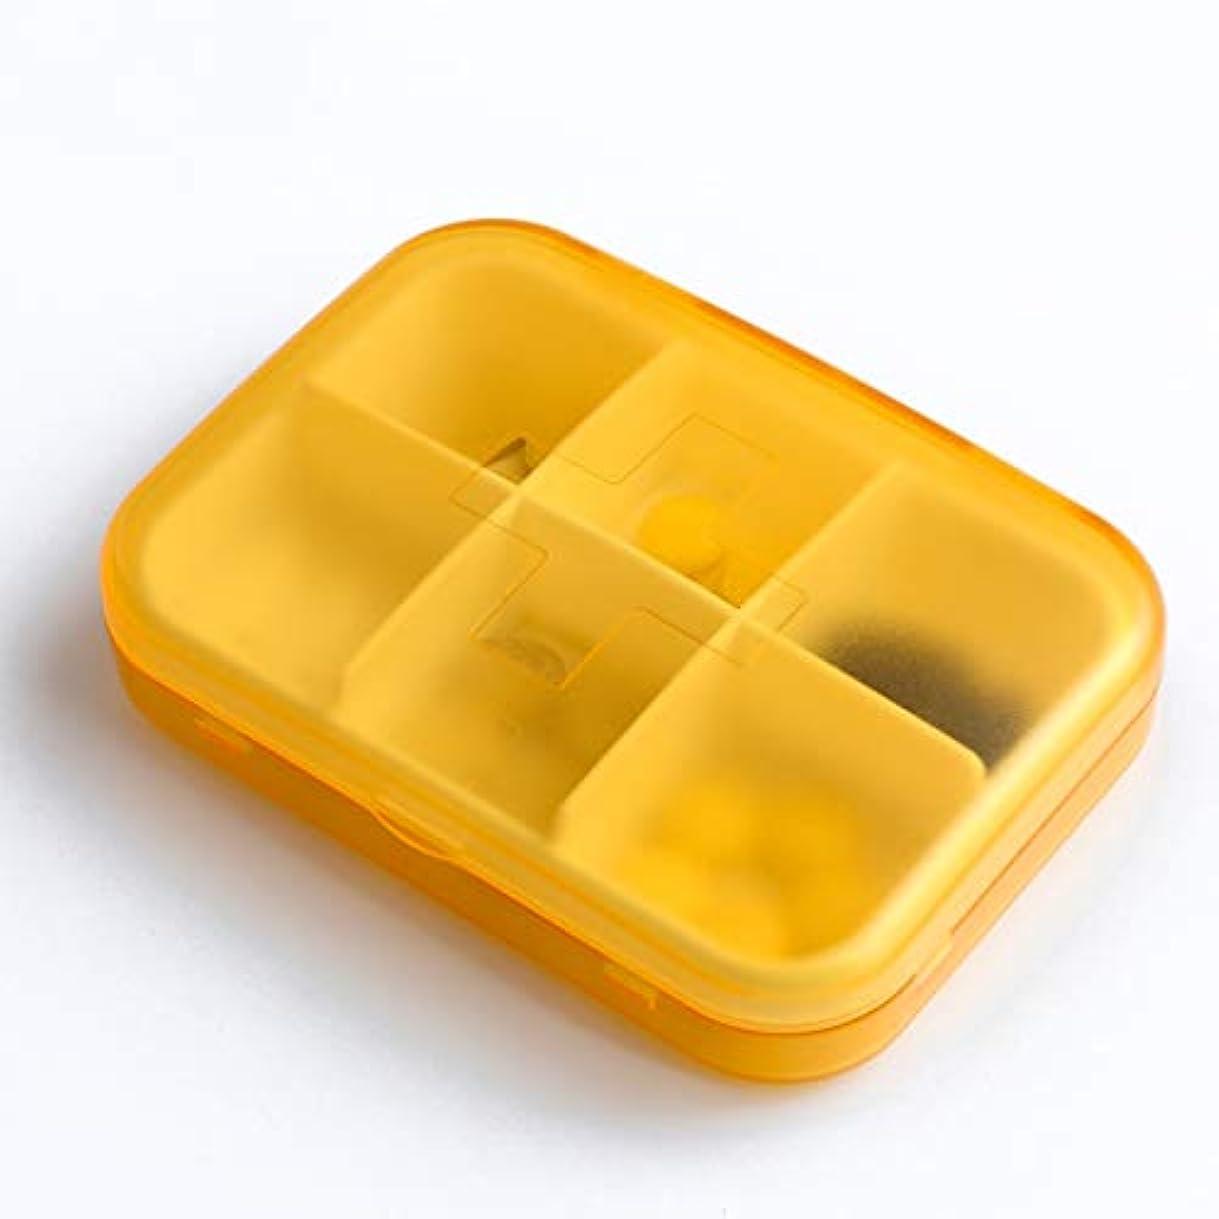 コード散歩に行く発行小さなピルボックスポータブル一週間防湿ポータブル収納ボックスミニ薬ピルボックス密封ピルボックスをインストールする LIUXIN (Color : Orange, Size : 9.5cm×7cm×2cm)